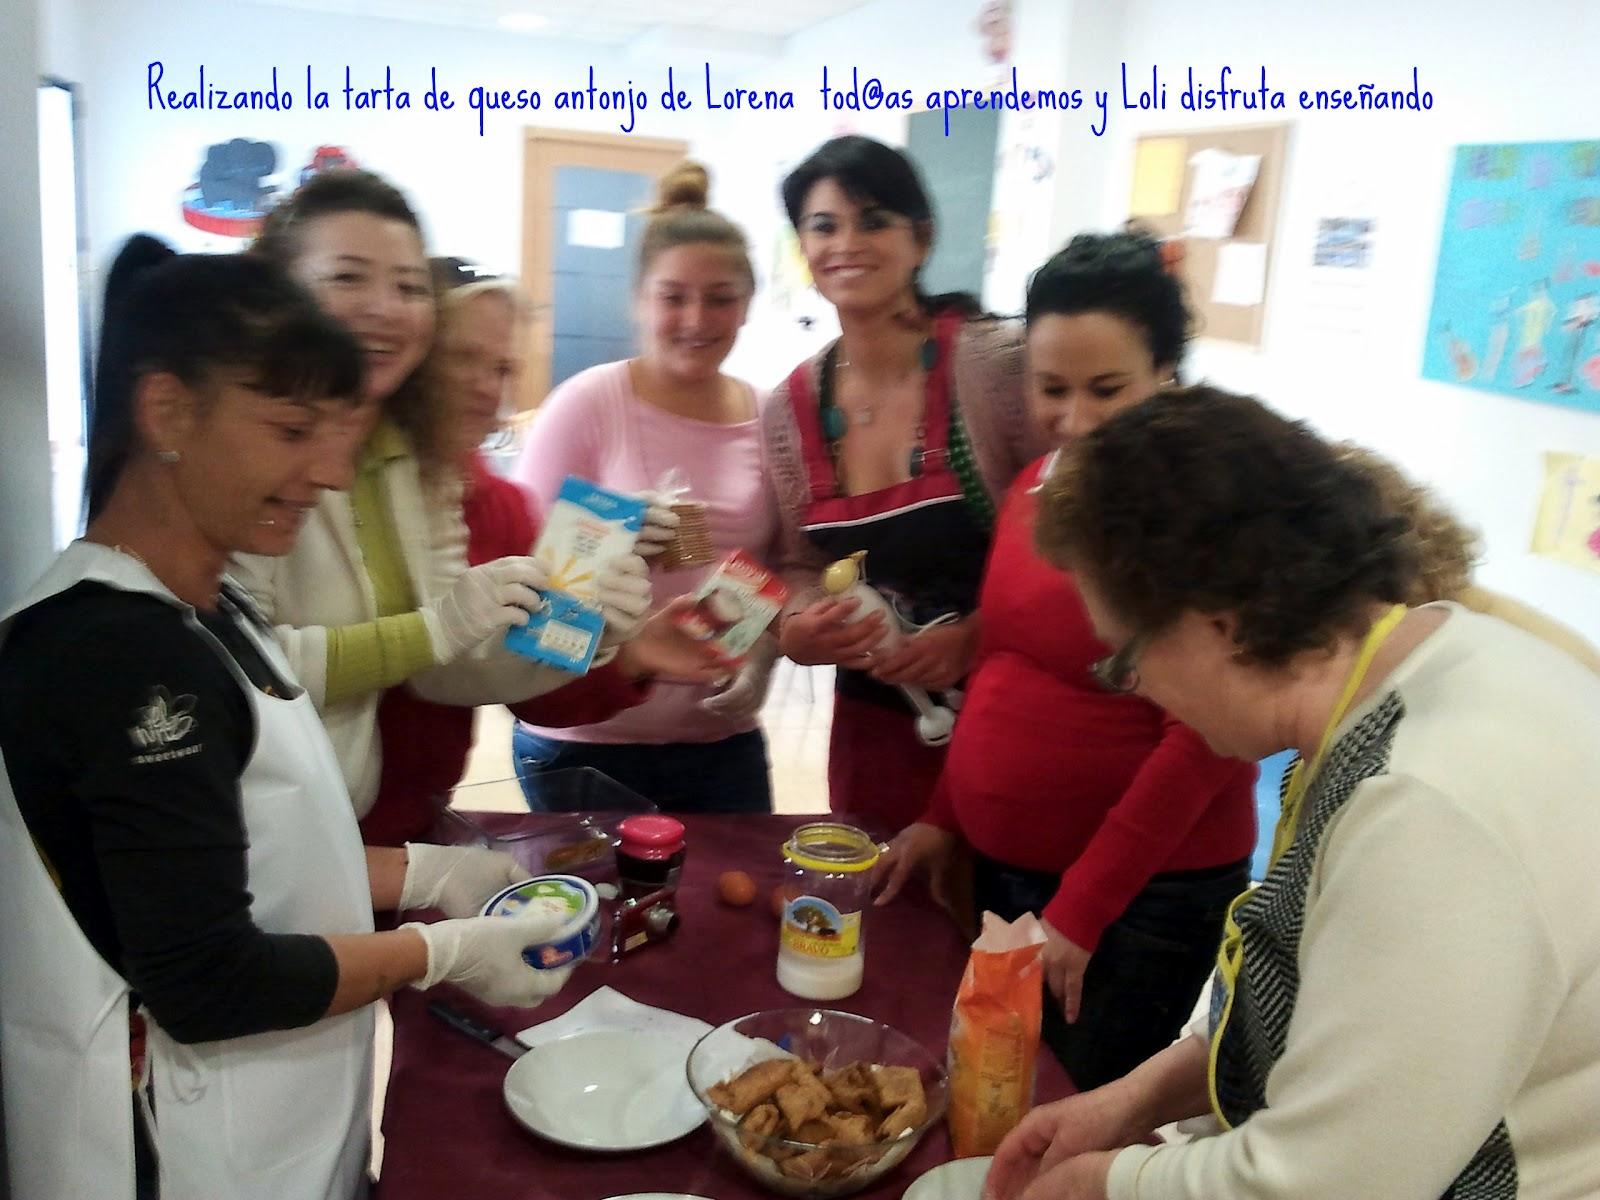 Con sabor andaluz fotograf as sobre los talleres de cocina for Taller andaluz de cocina